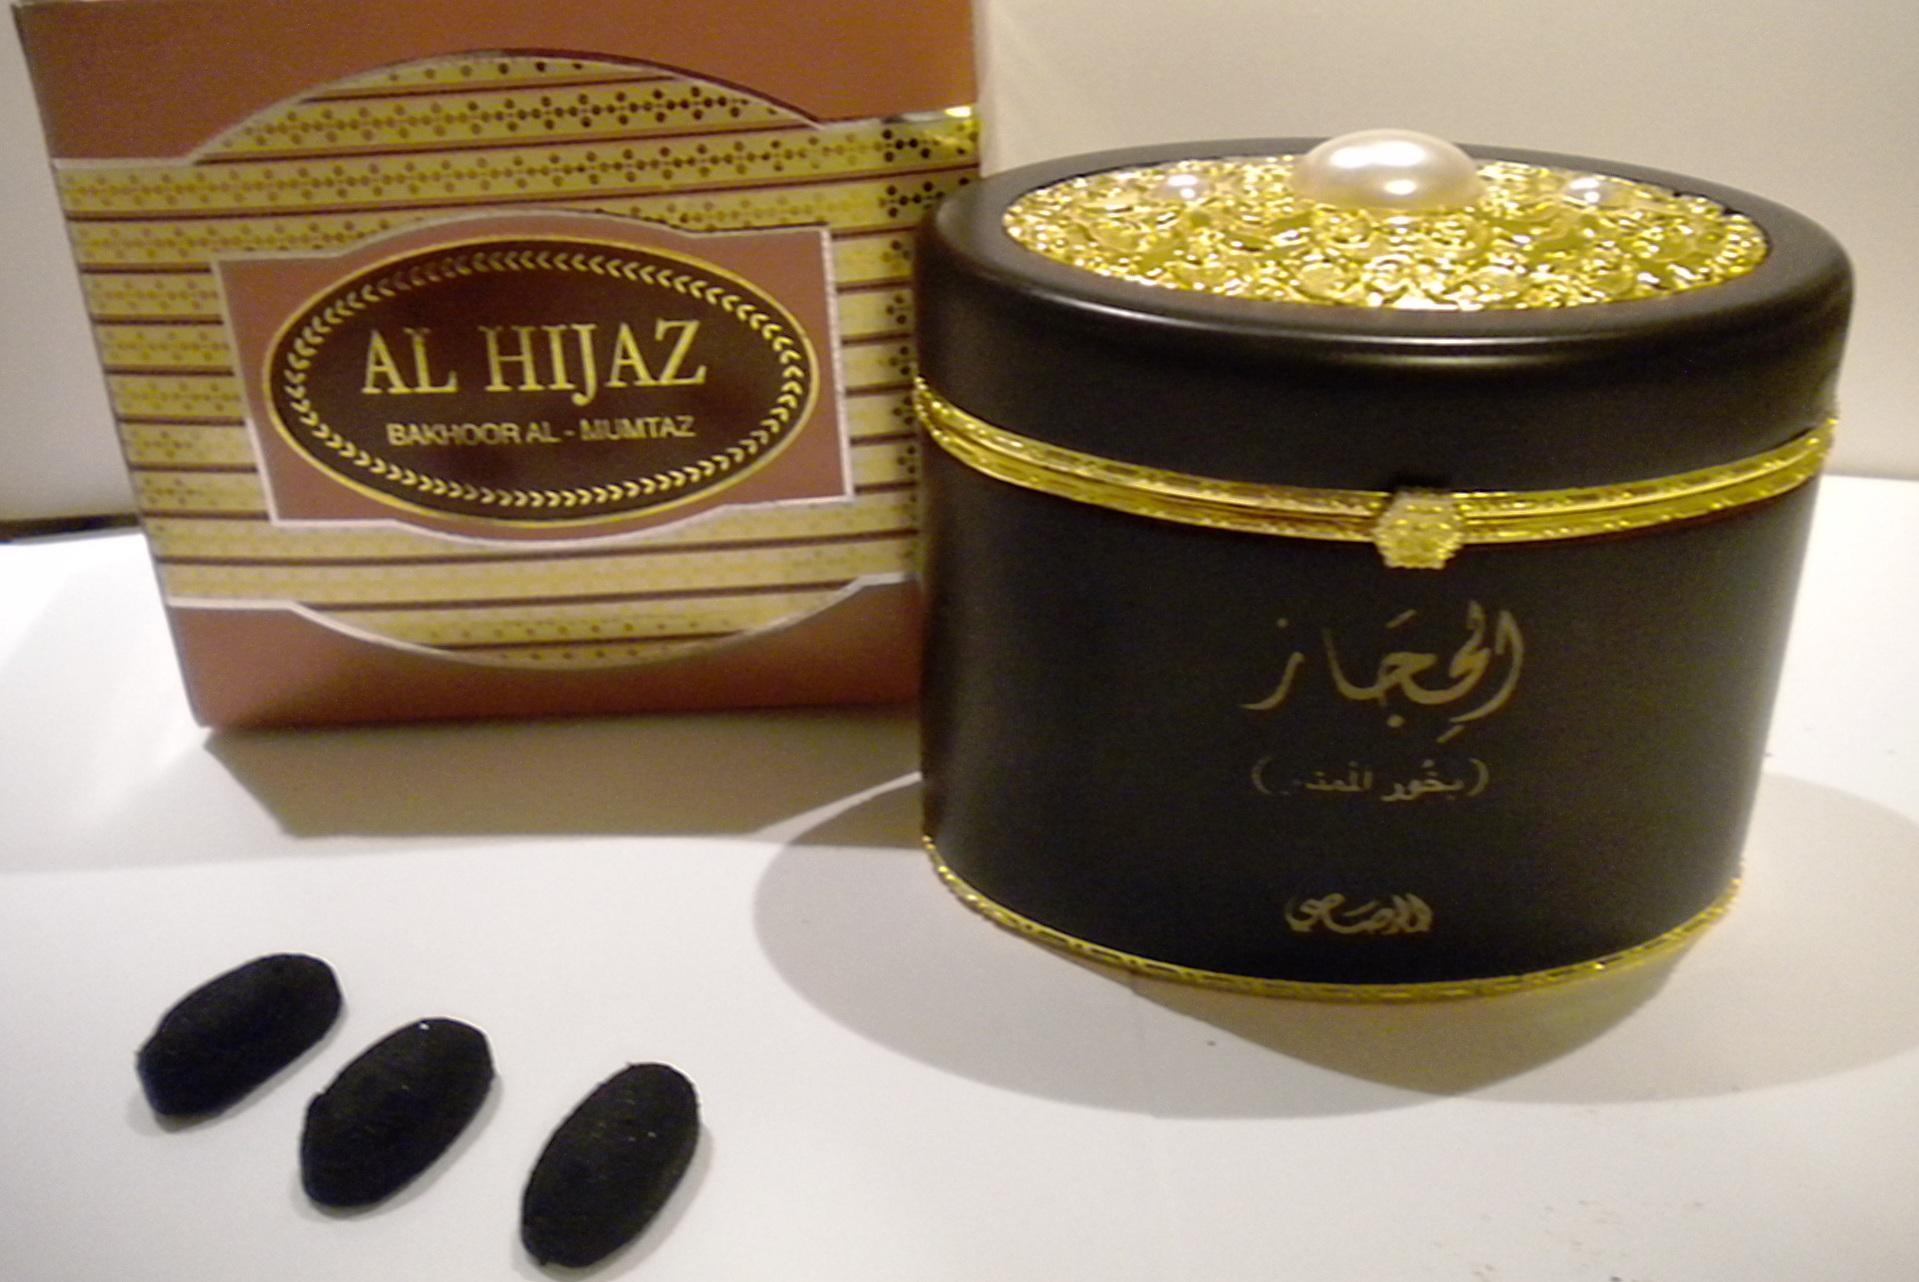 Bukhoor, AL Hijaz Bukhoor al Mumtaz